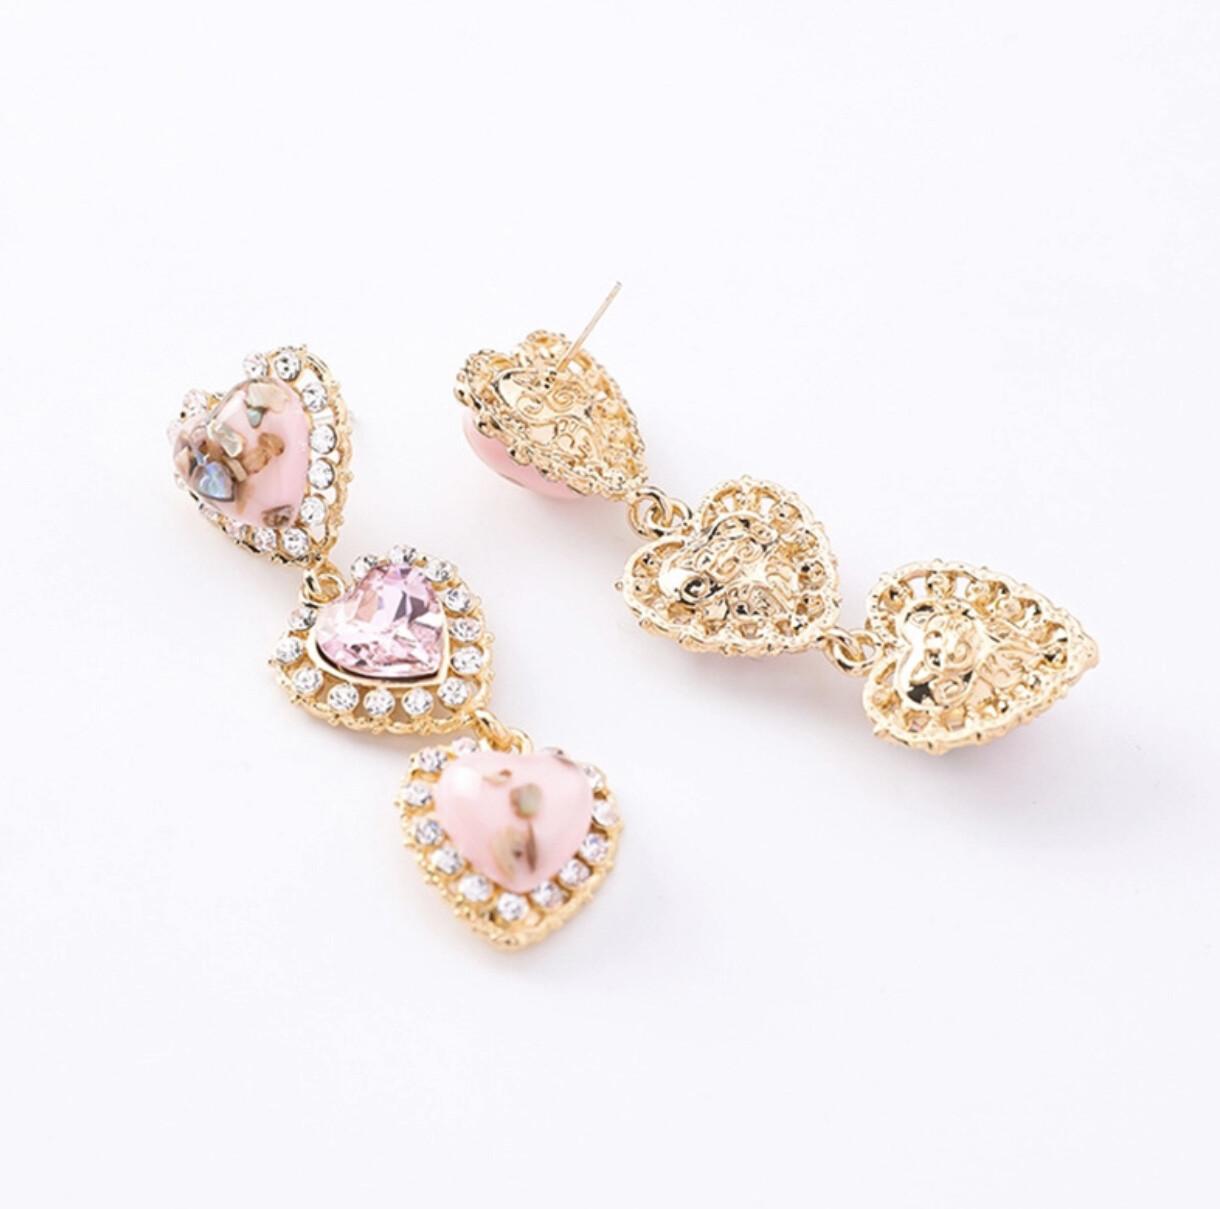 Misty Heart Earrings